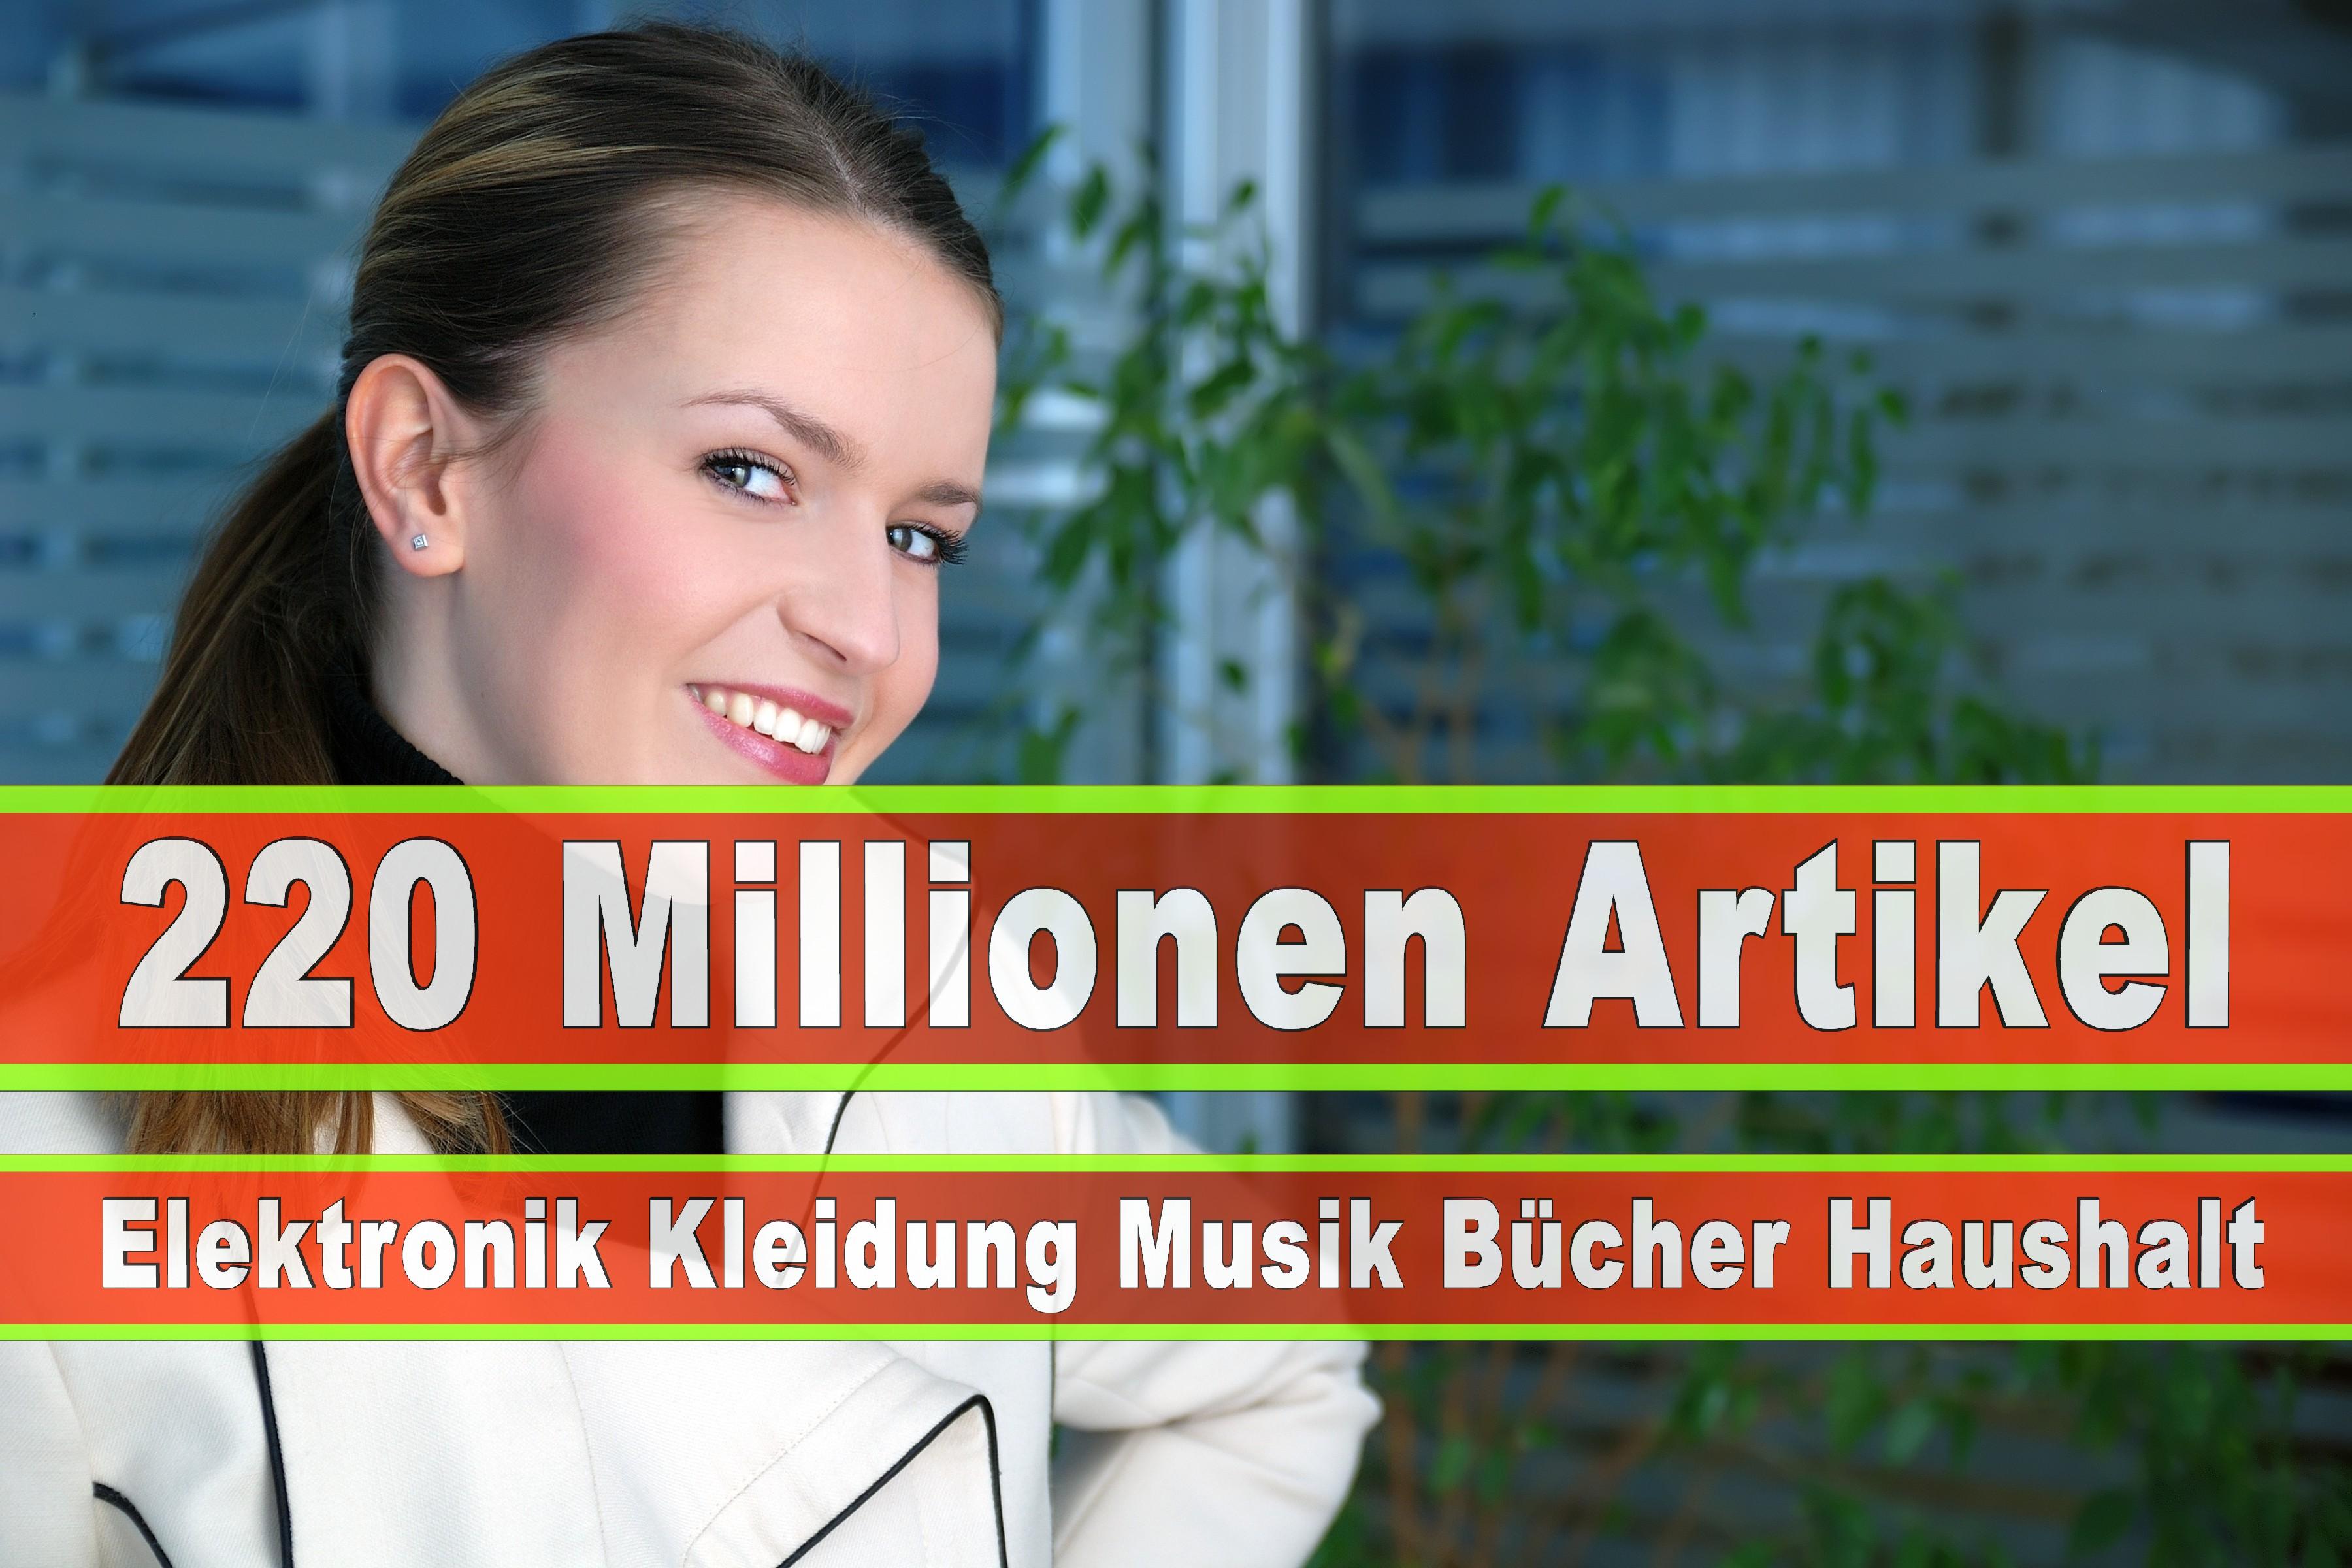 Amazon Elektronik Musik Haushalt Bücher CD DVD Handys Smartphones TV Television Fernseher Kleidung Mode Ebay Versandhaus (136)